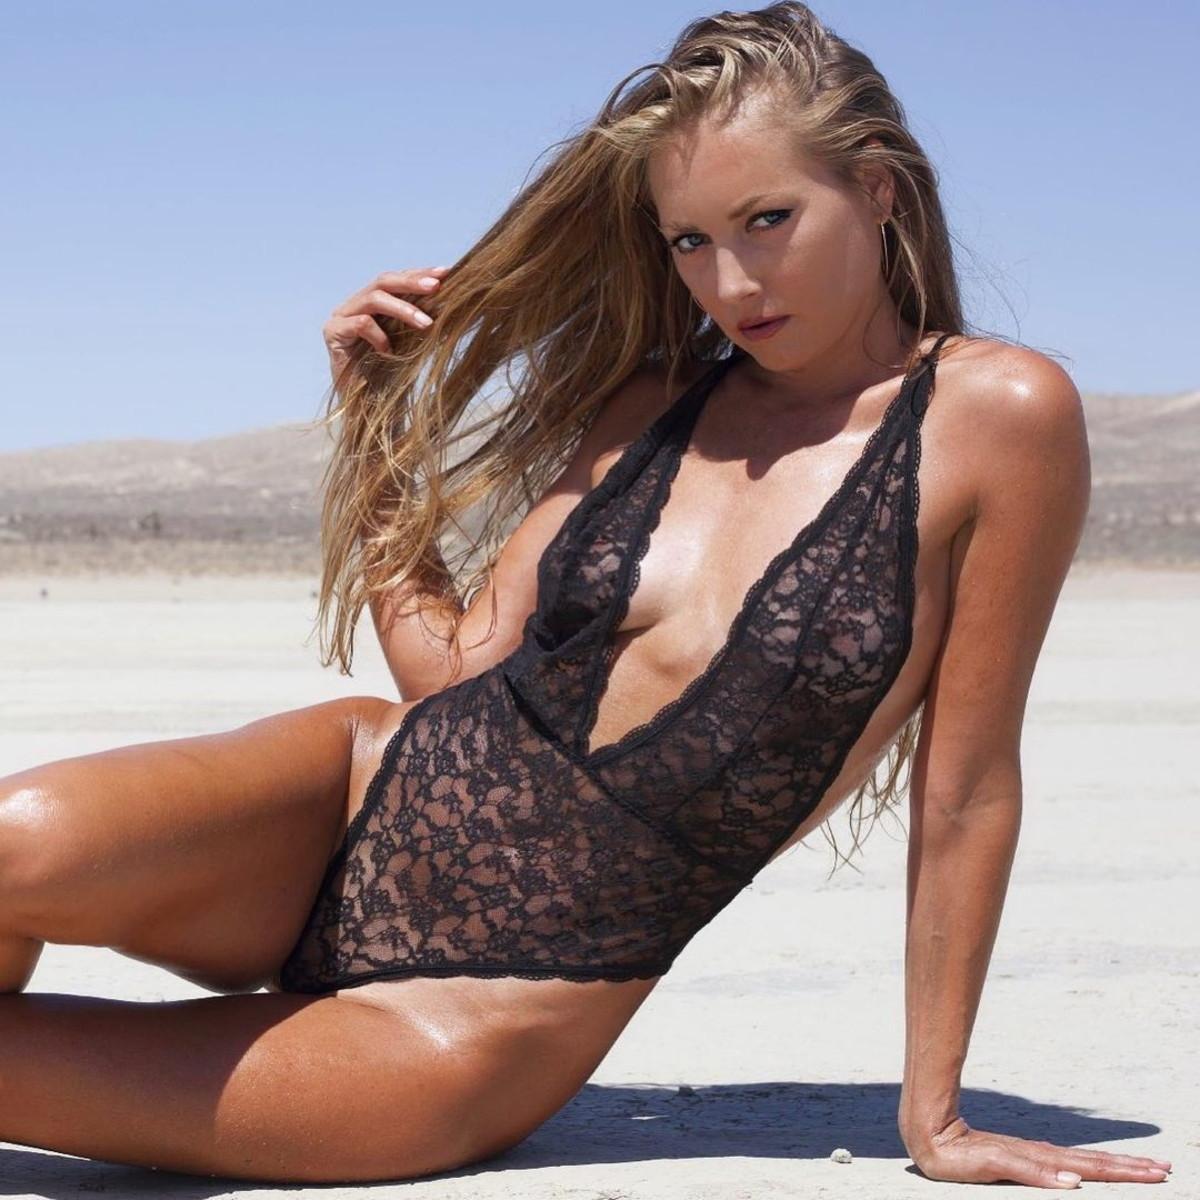 Nora Segura da sballo, lingerie e selfie hot   Foto - Sportmediaset